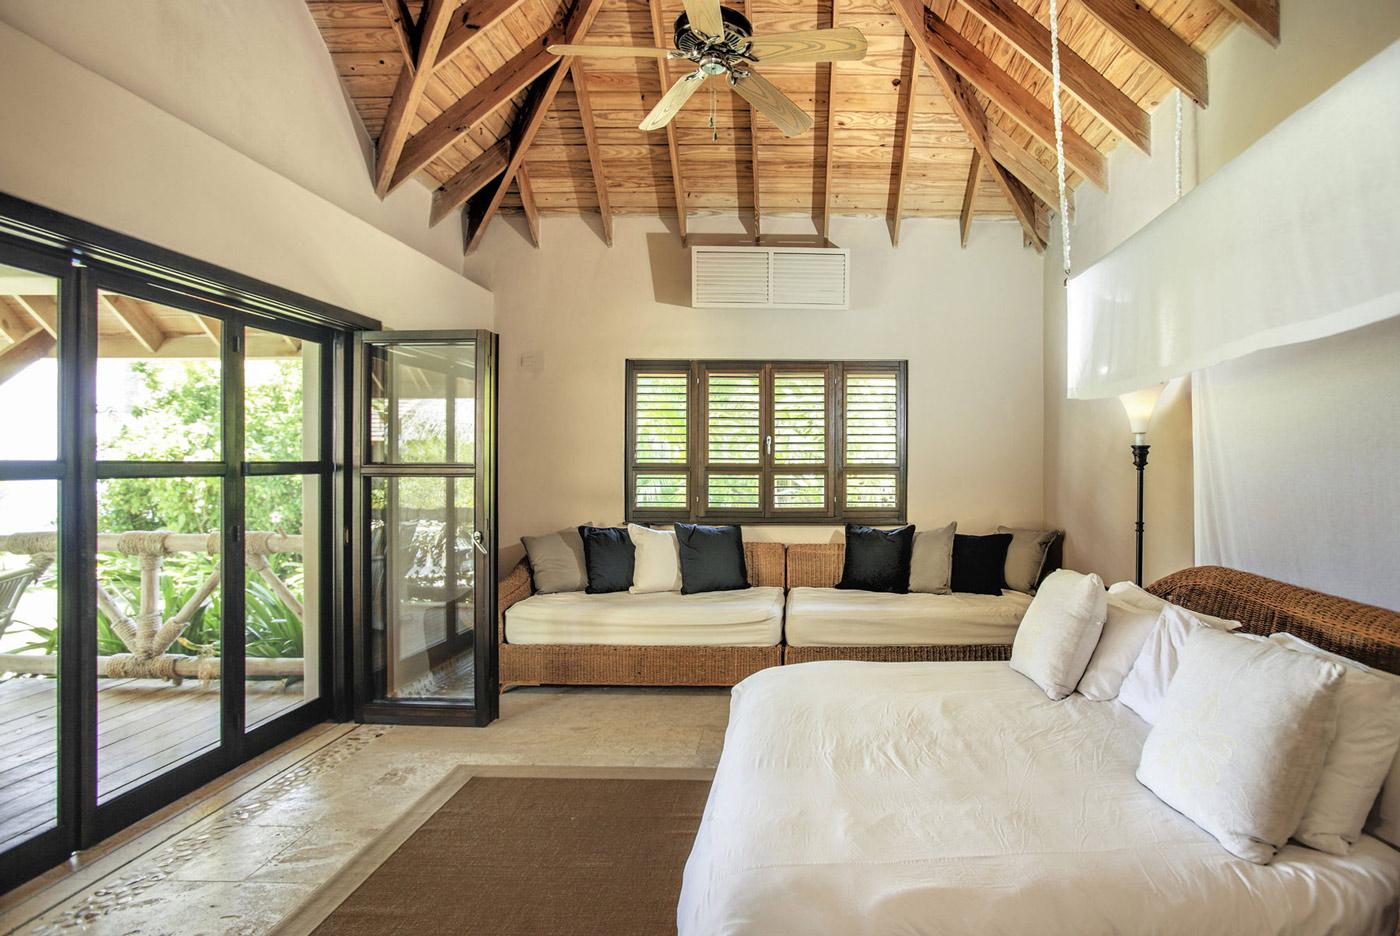 Bedroom, Patio Doors